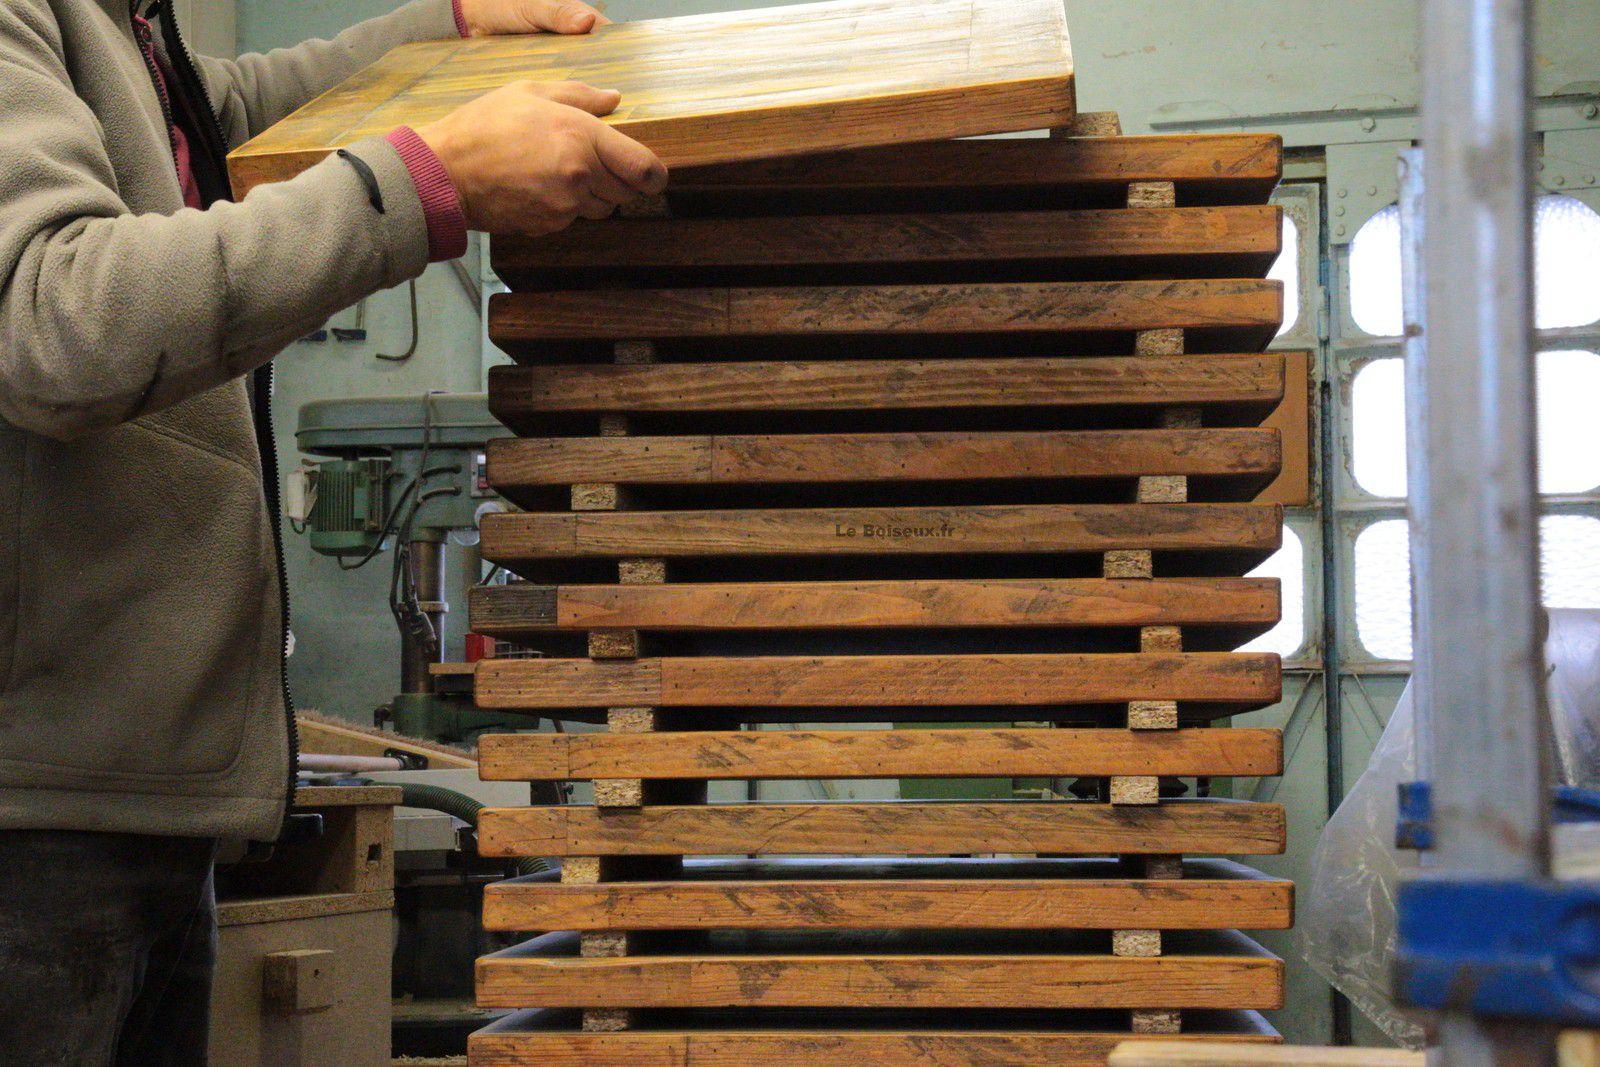 Plateaux aux formats, dimensions et teintes divers, issus de commandes réalisées de 2009 à 2020, ici, exposés pour vous inspirer à l'occasion de votre projet de tables ou de bureaux.